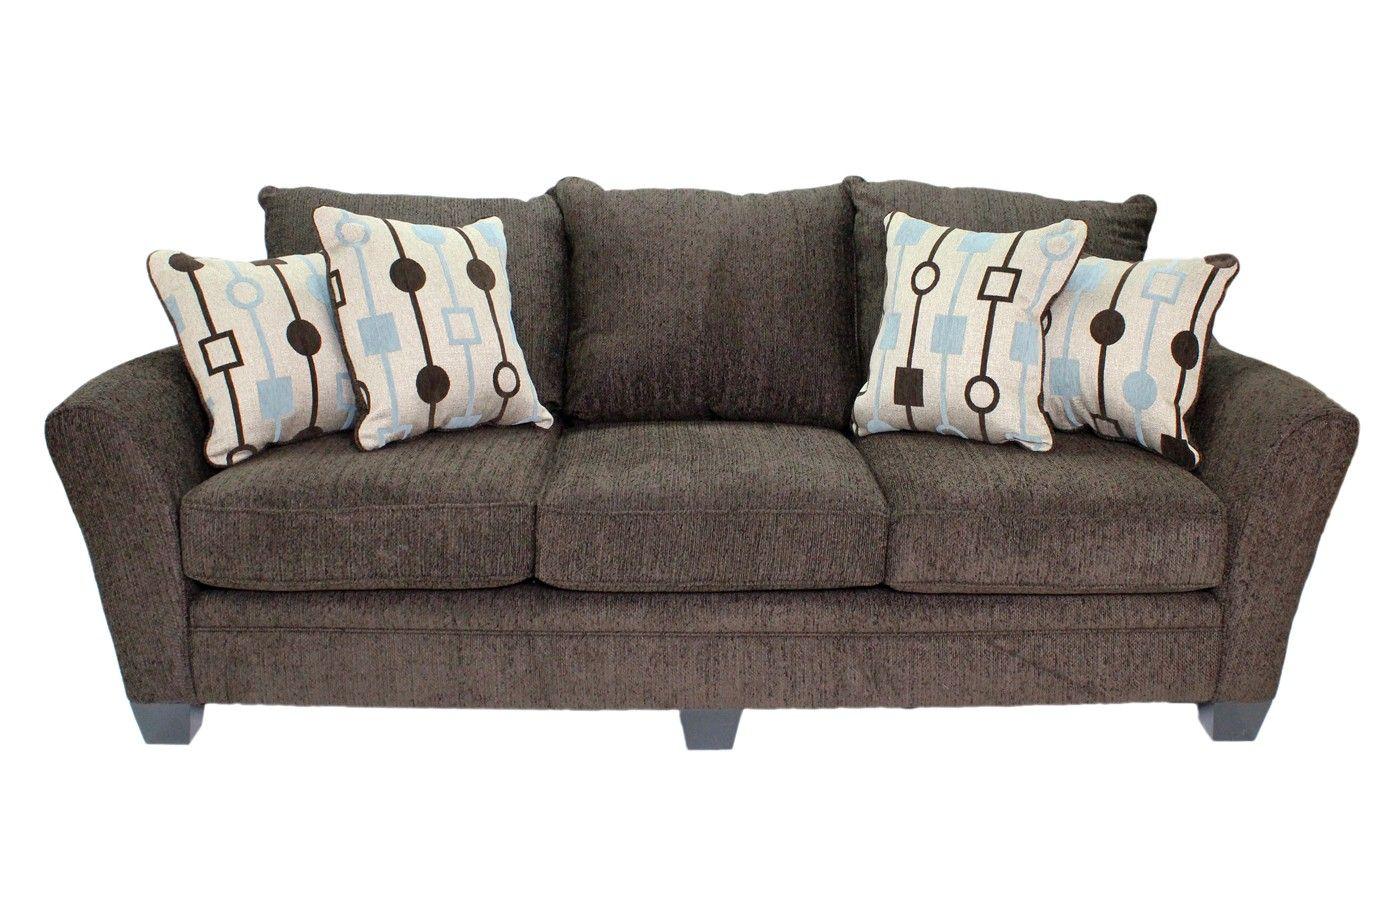 Mor Furniture Sofas Rachel Omega Mist Sofa Mor Furniture